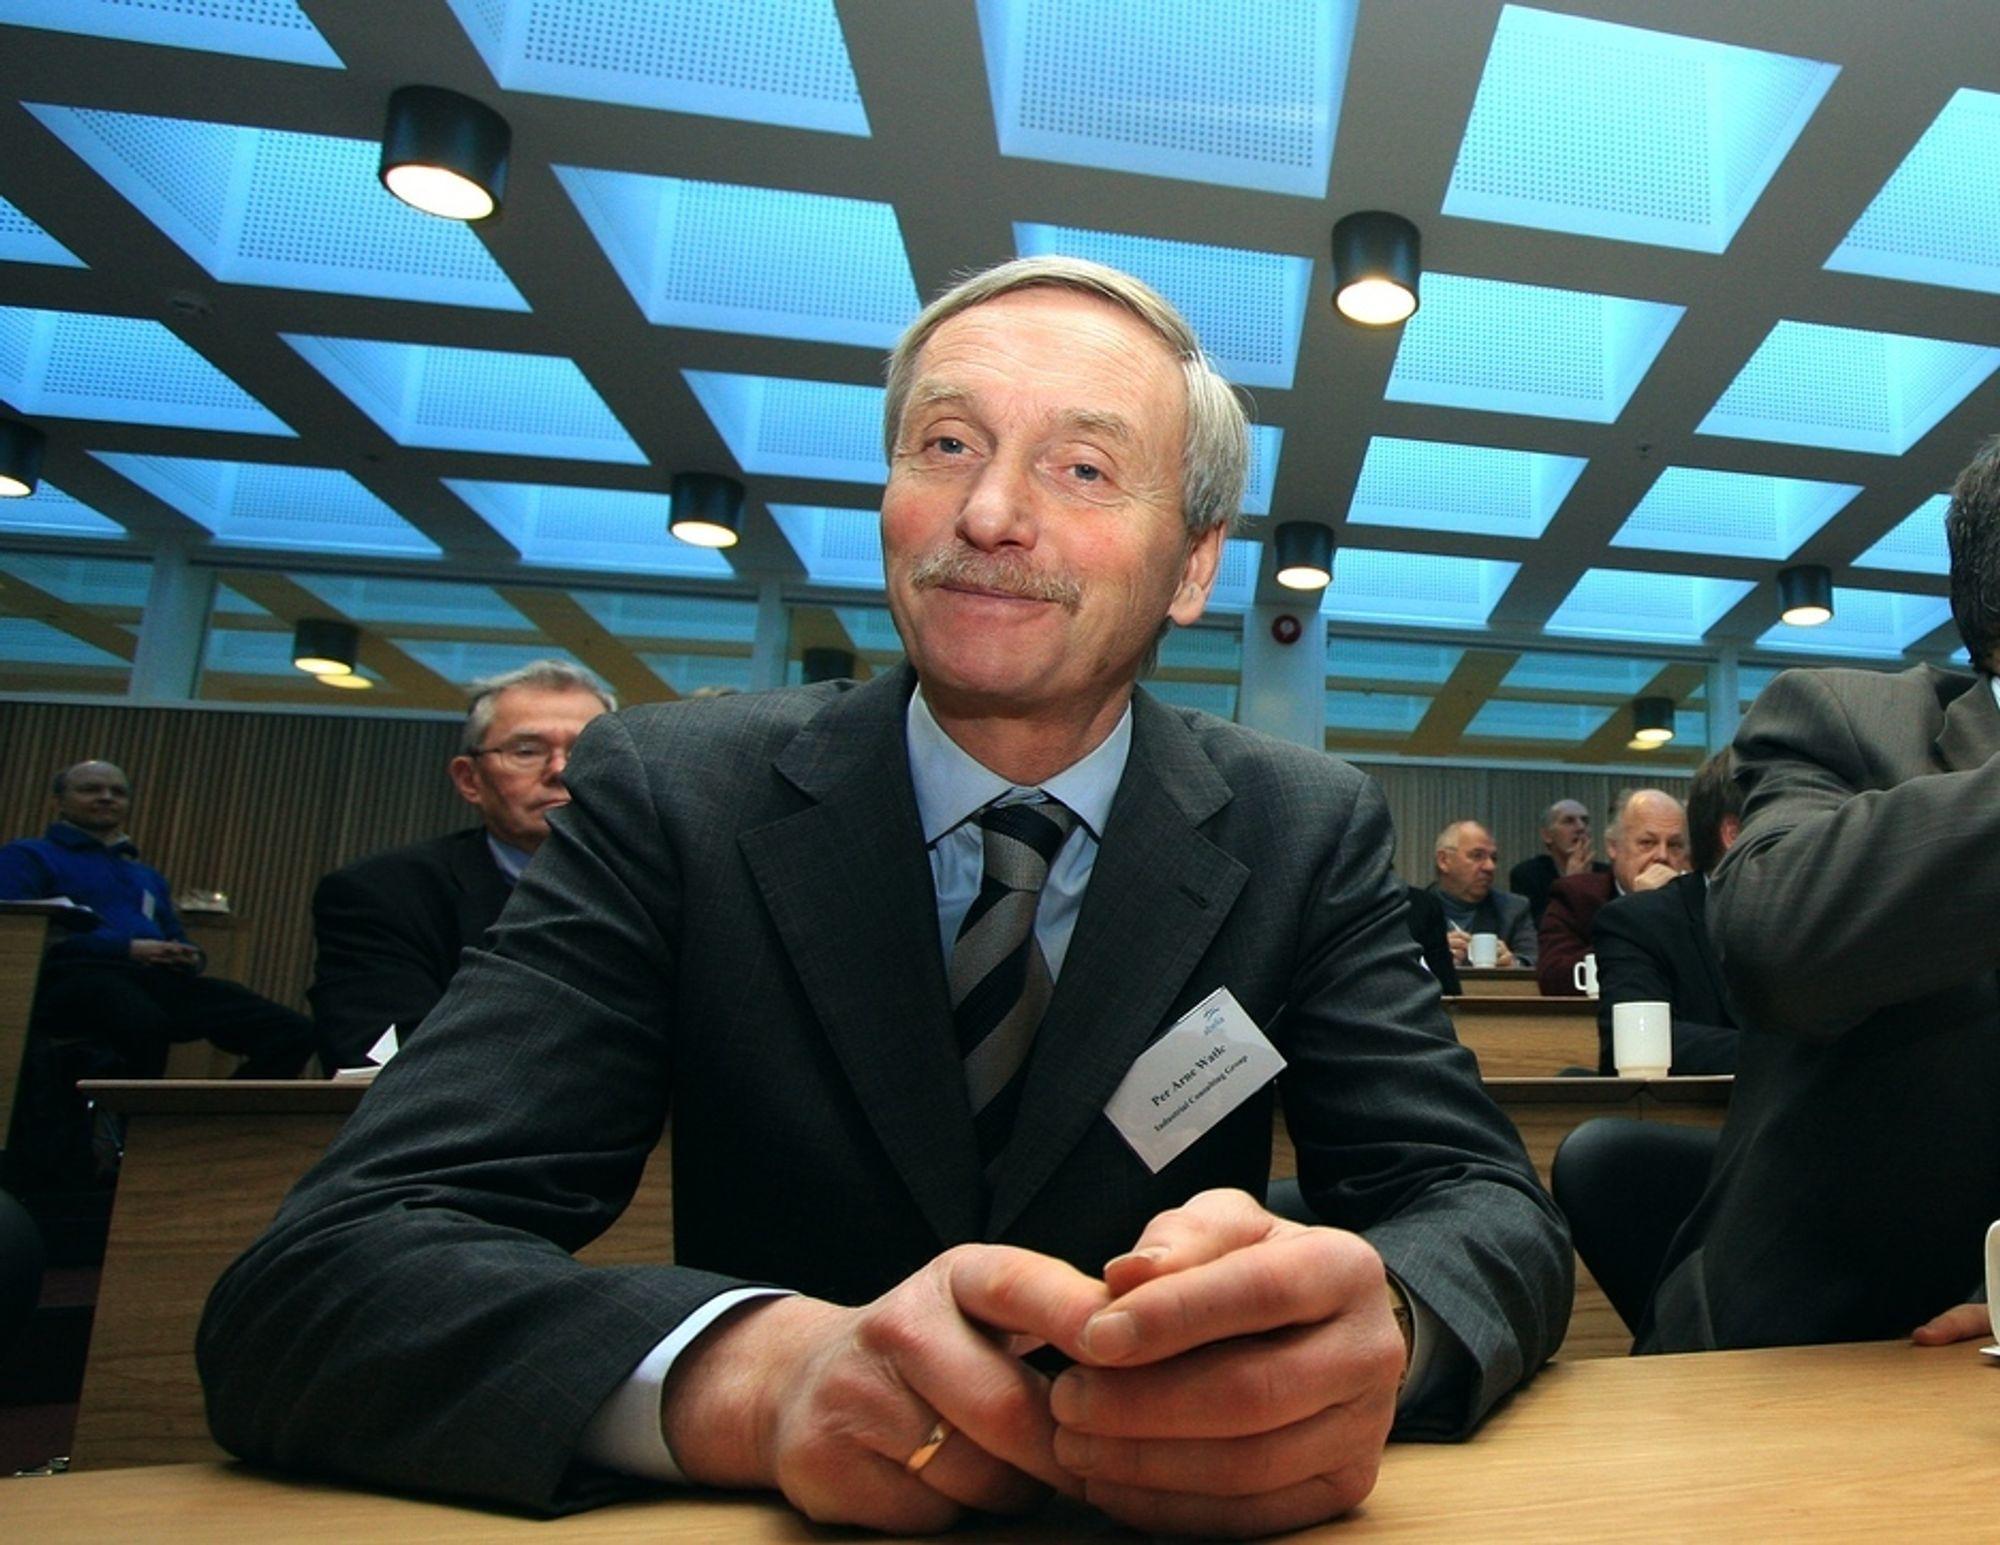 Styreleder Per Arne Watle i ICB skal diskutere med resten av representantene fra europeisk luftfart ulike bidrag de kan få til å komme seg gjennom den nye krisa.